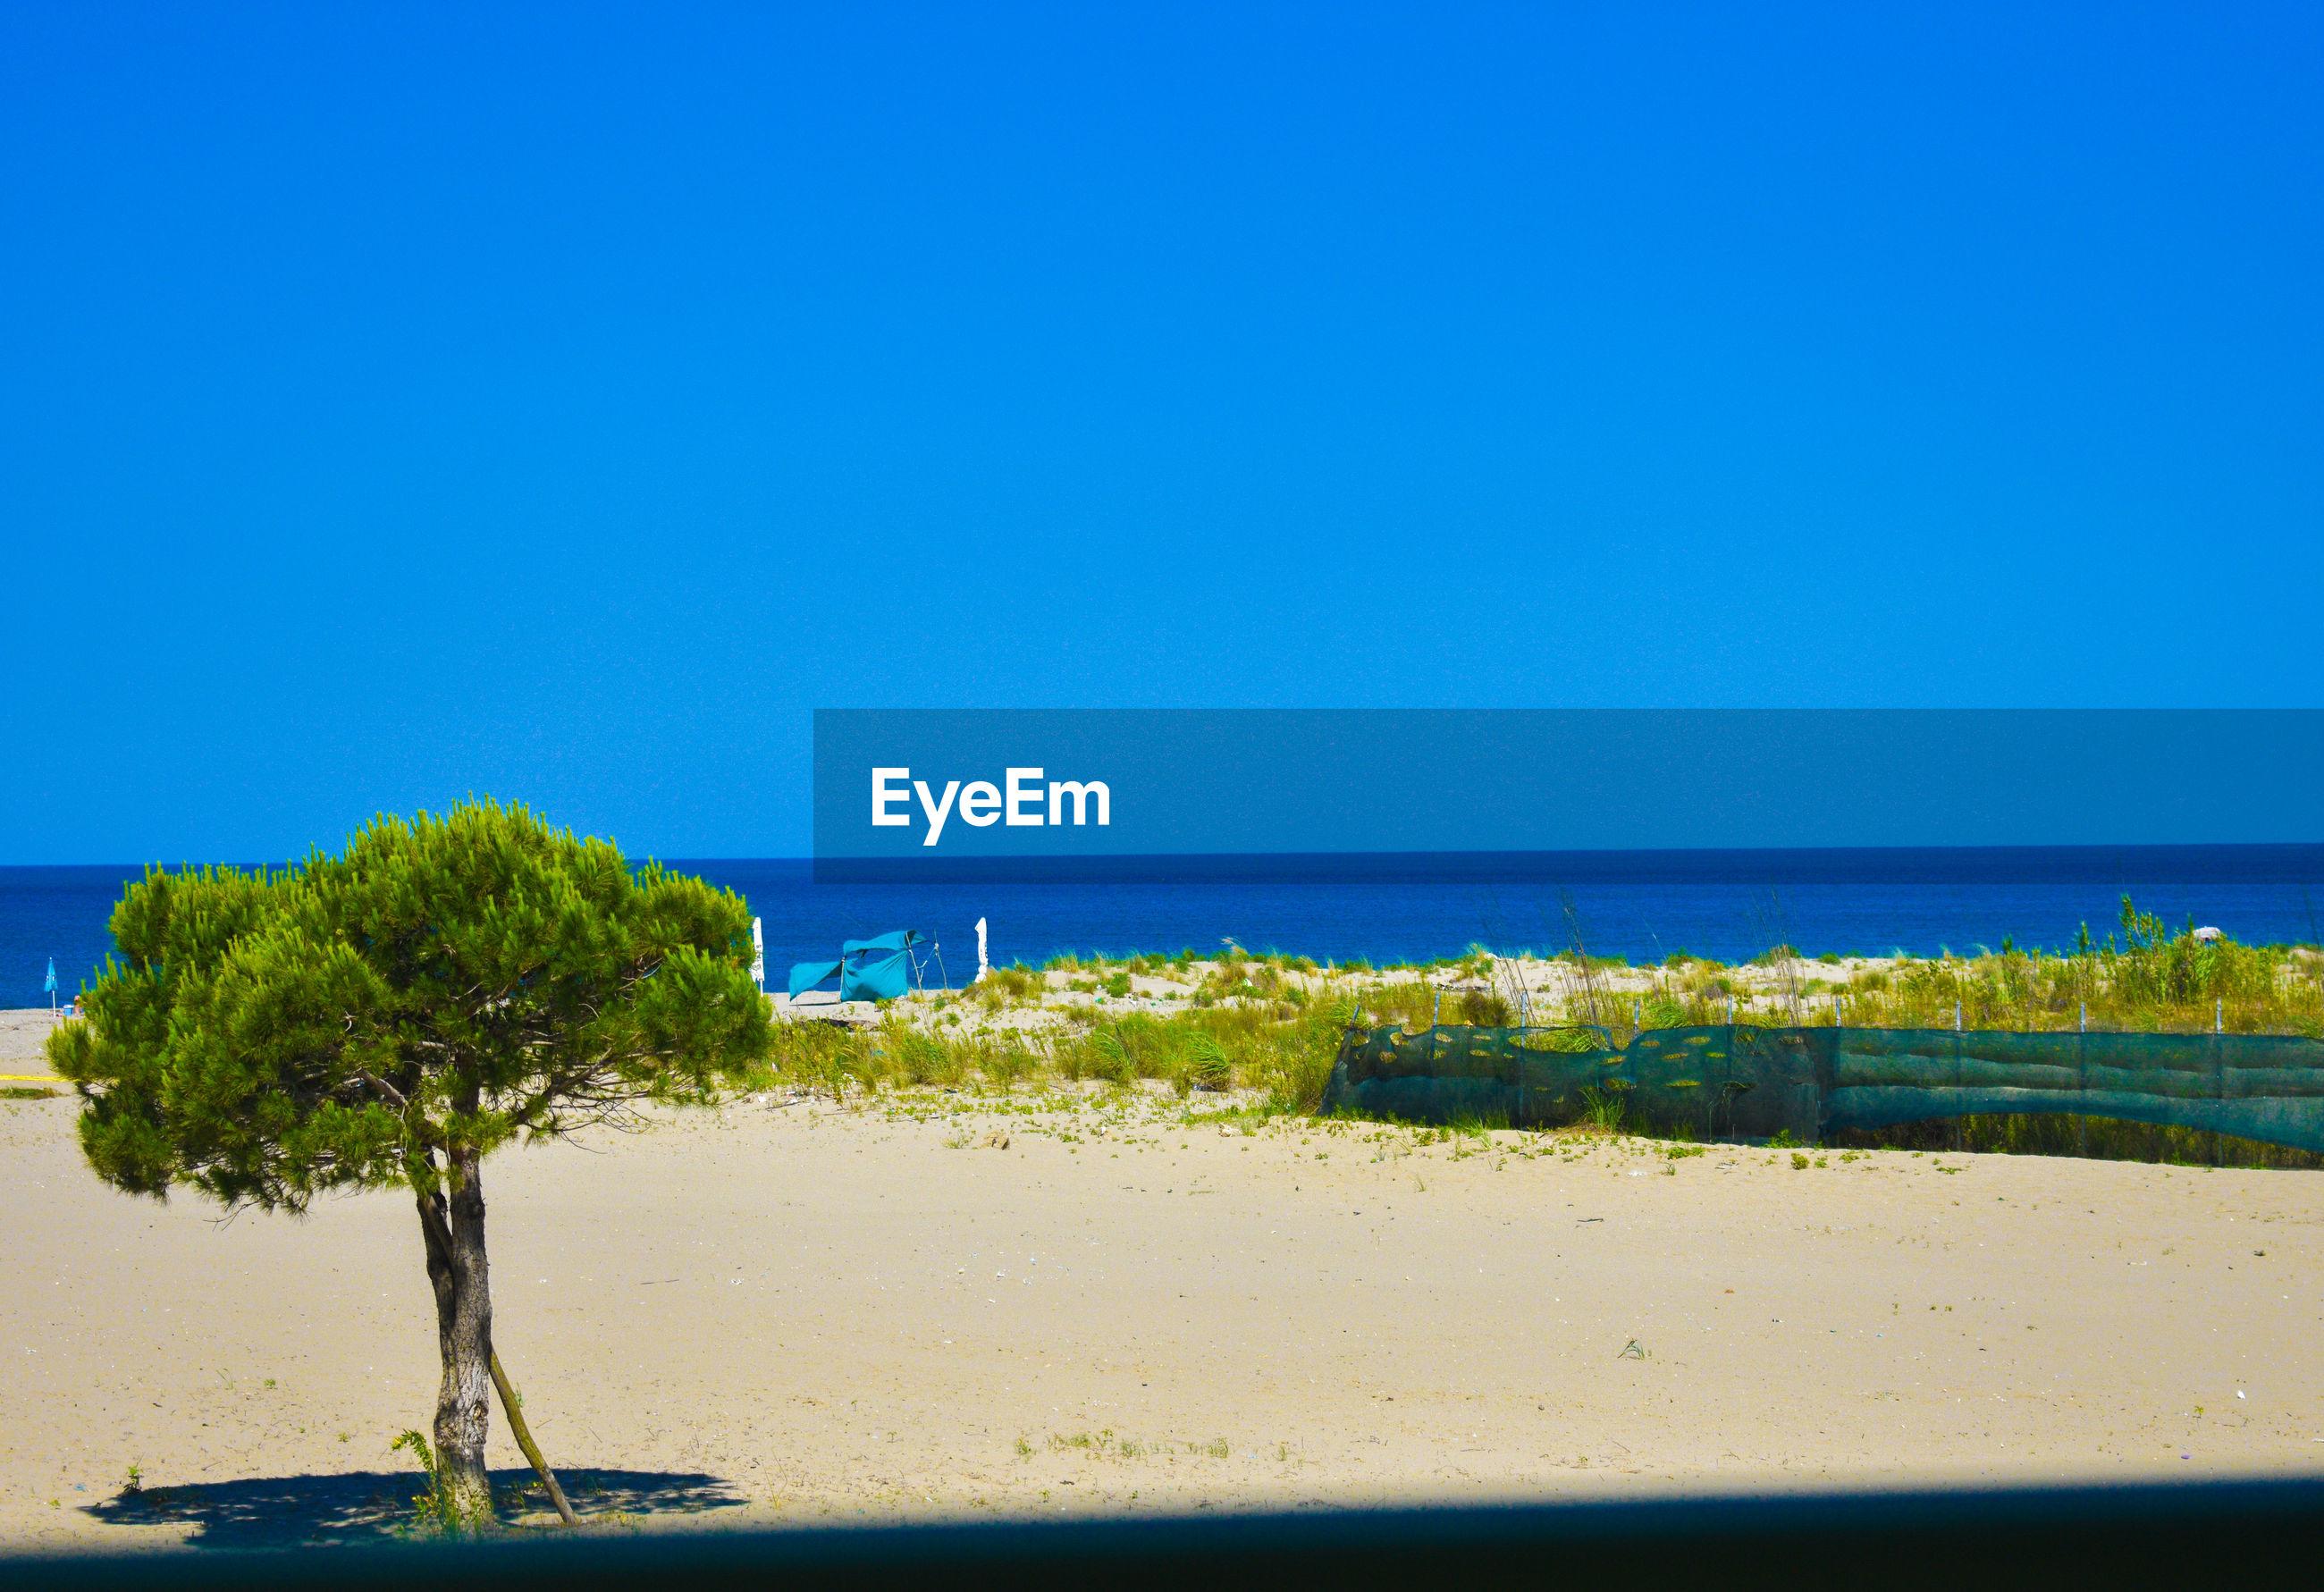 PLANTS ON BEACH AGAINST CLEAR BLUE SKY